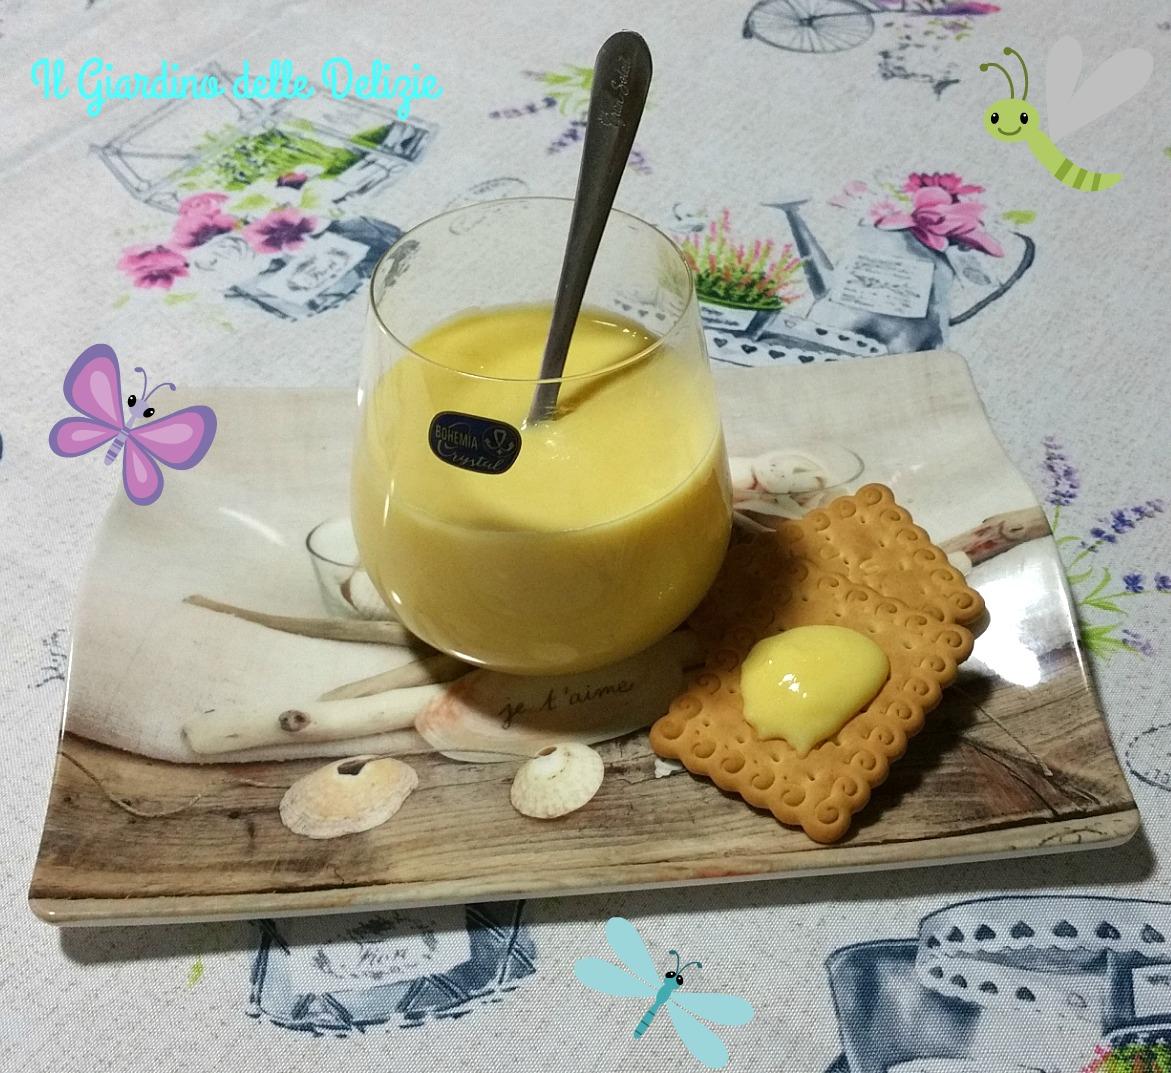 Crema per dolci, al microonde